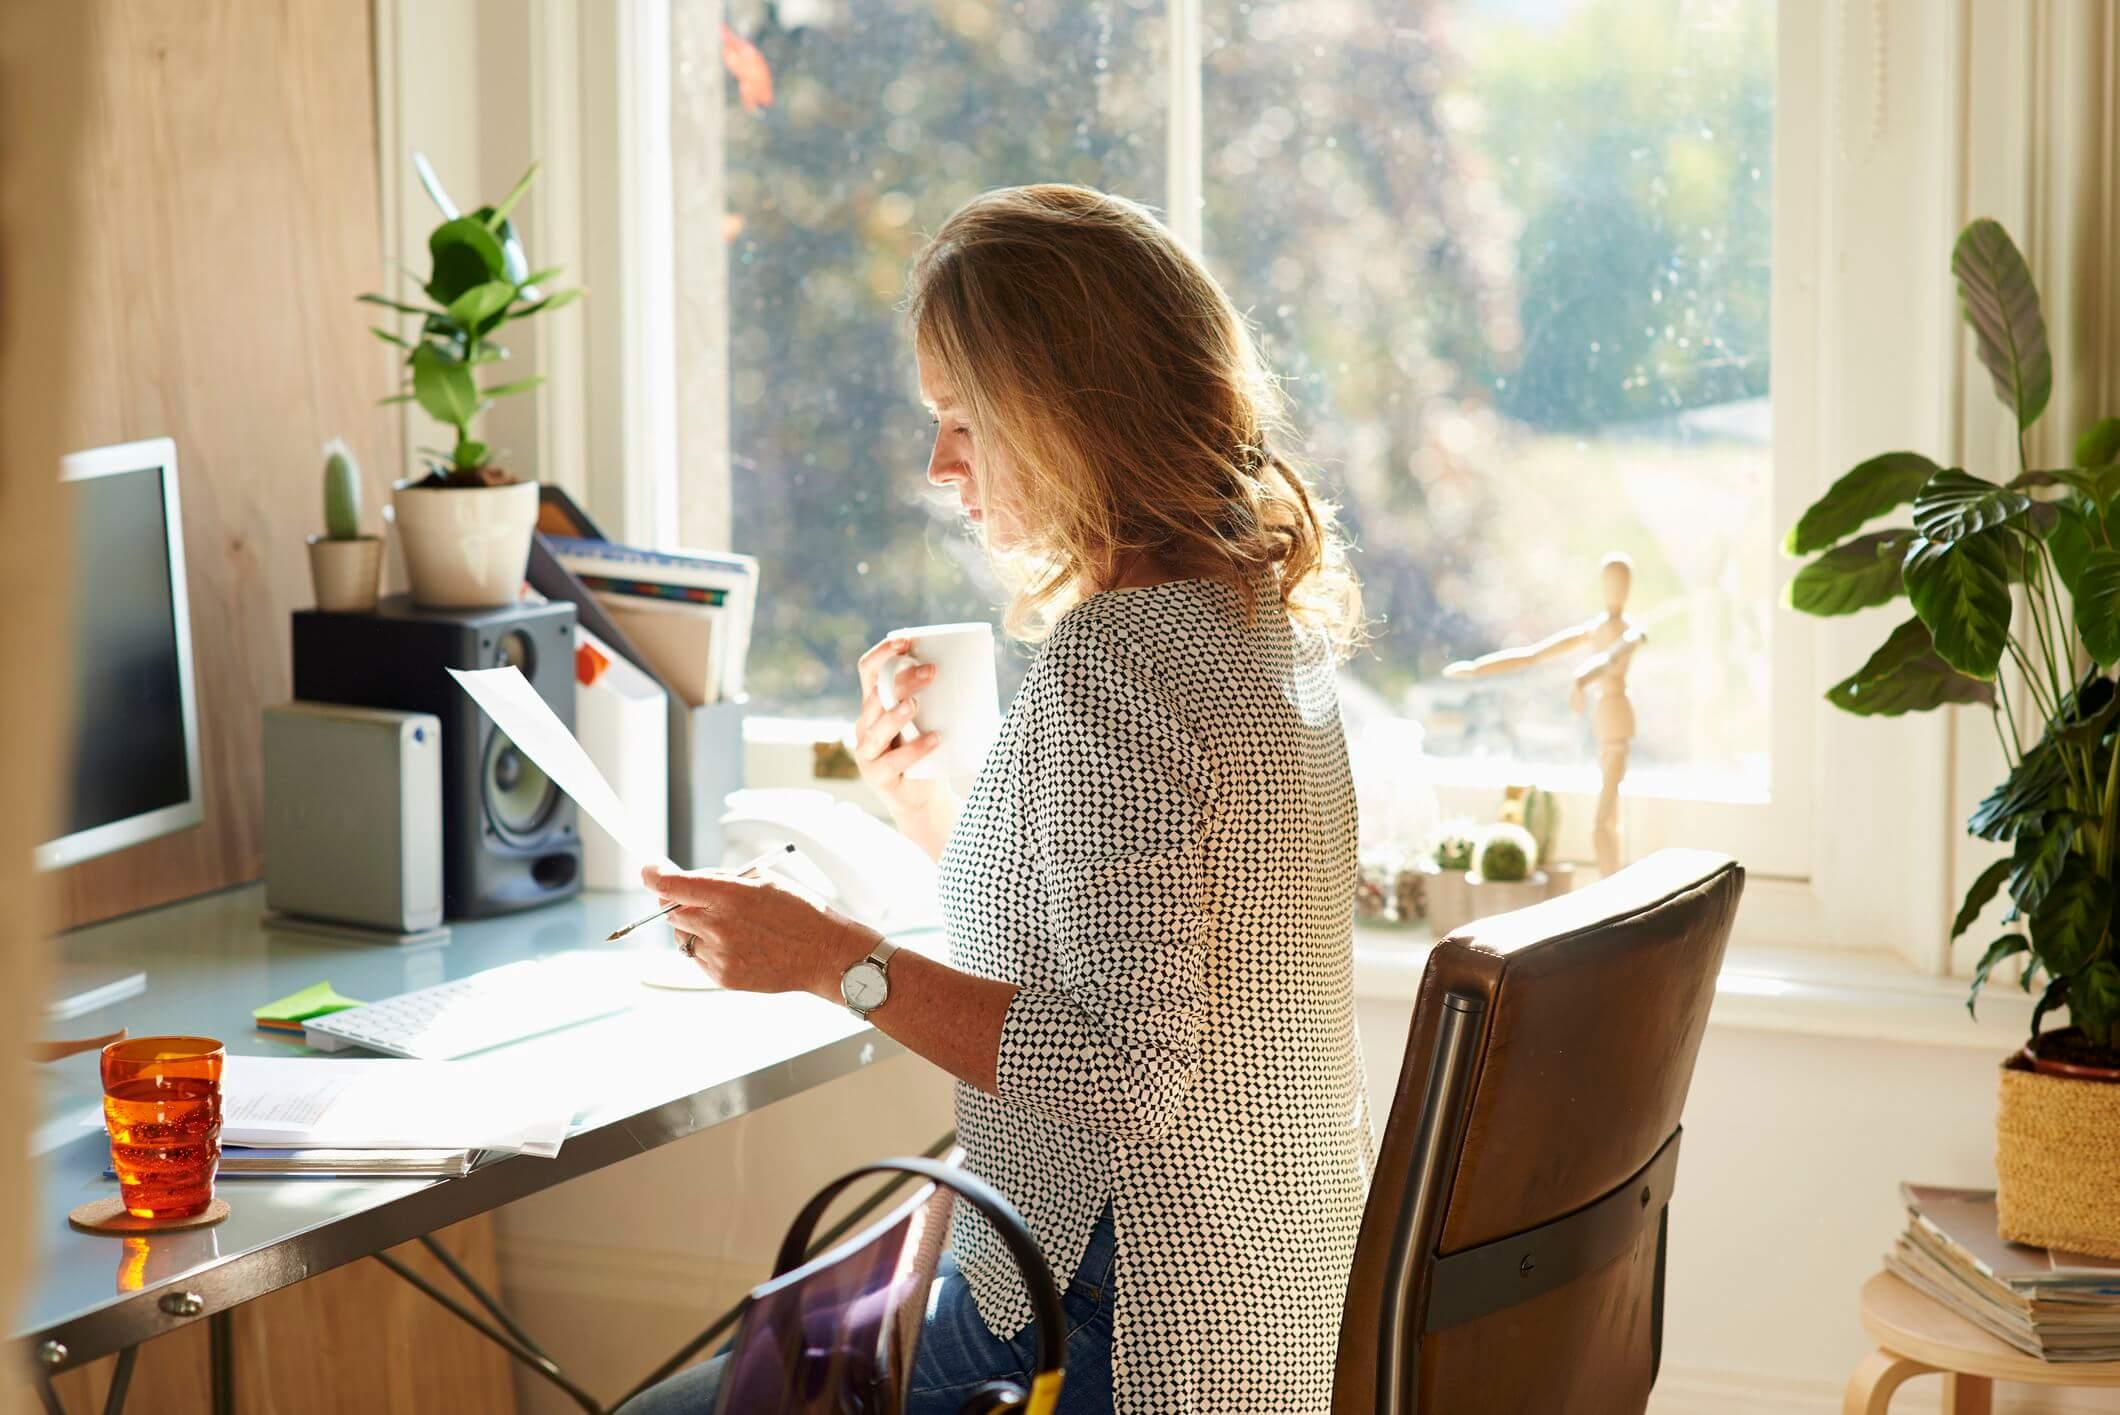 روکیدا - 5 درس مادرانه برای موفقیت زنان در کسب و کار - بانوان, توسعه کسب و کار, زندگی و استارتاپ, سلامت روان, مدیریت, مدیریت استارتاپ, مدیریت استرس, مدیریت زمان, مدیریت زندگی, مدیریت کسب و کار, موفقیت, موفقیت در کسب و کار, کارآفرینی